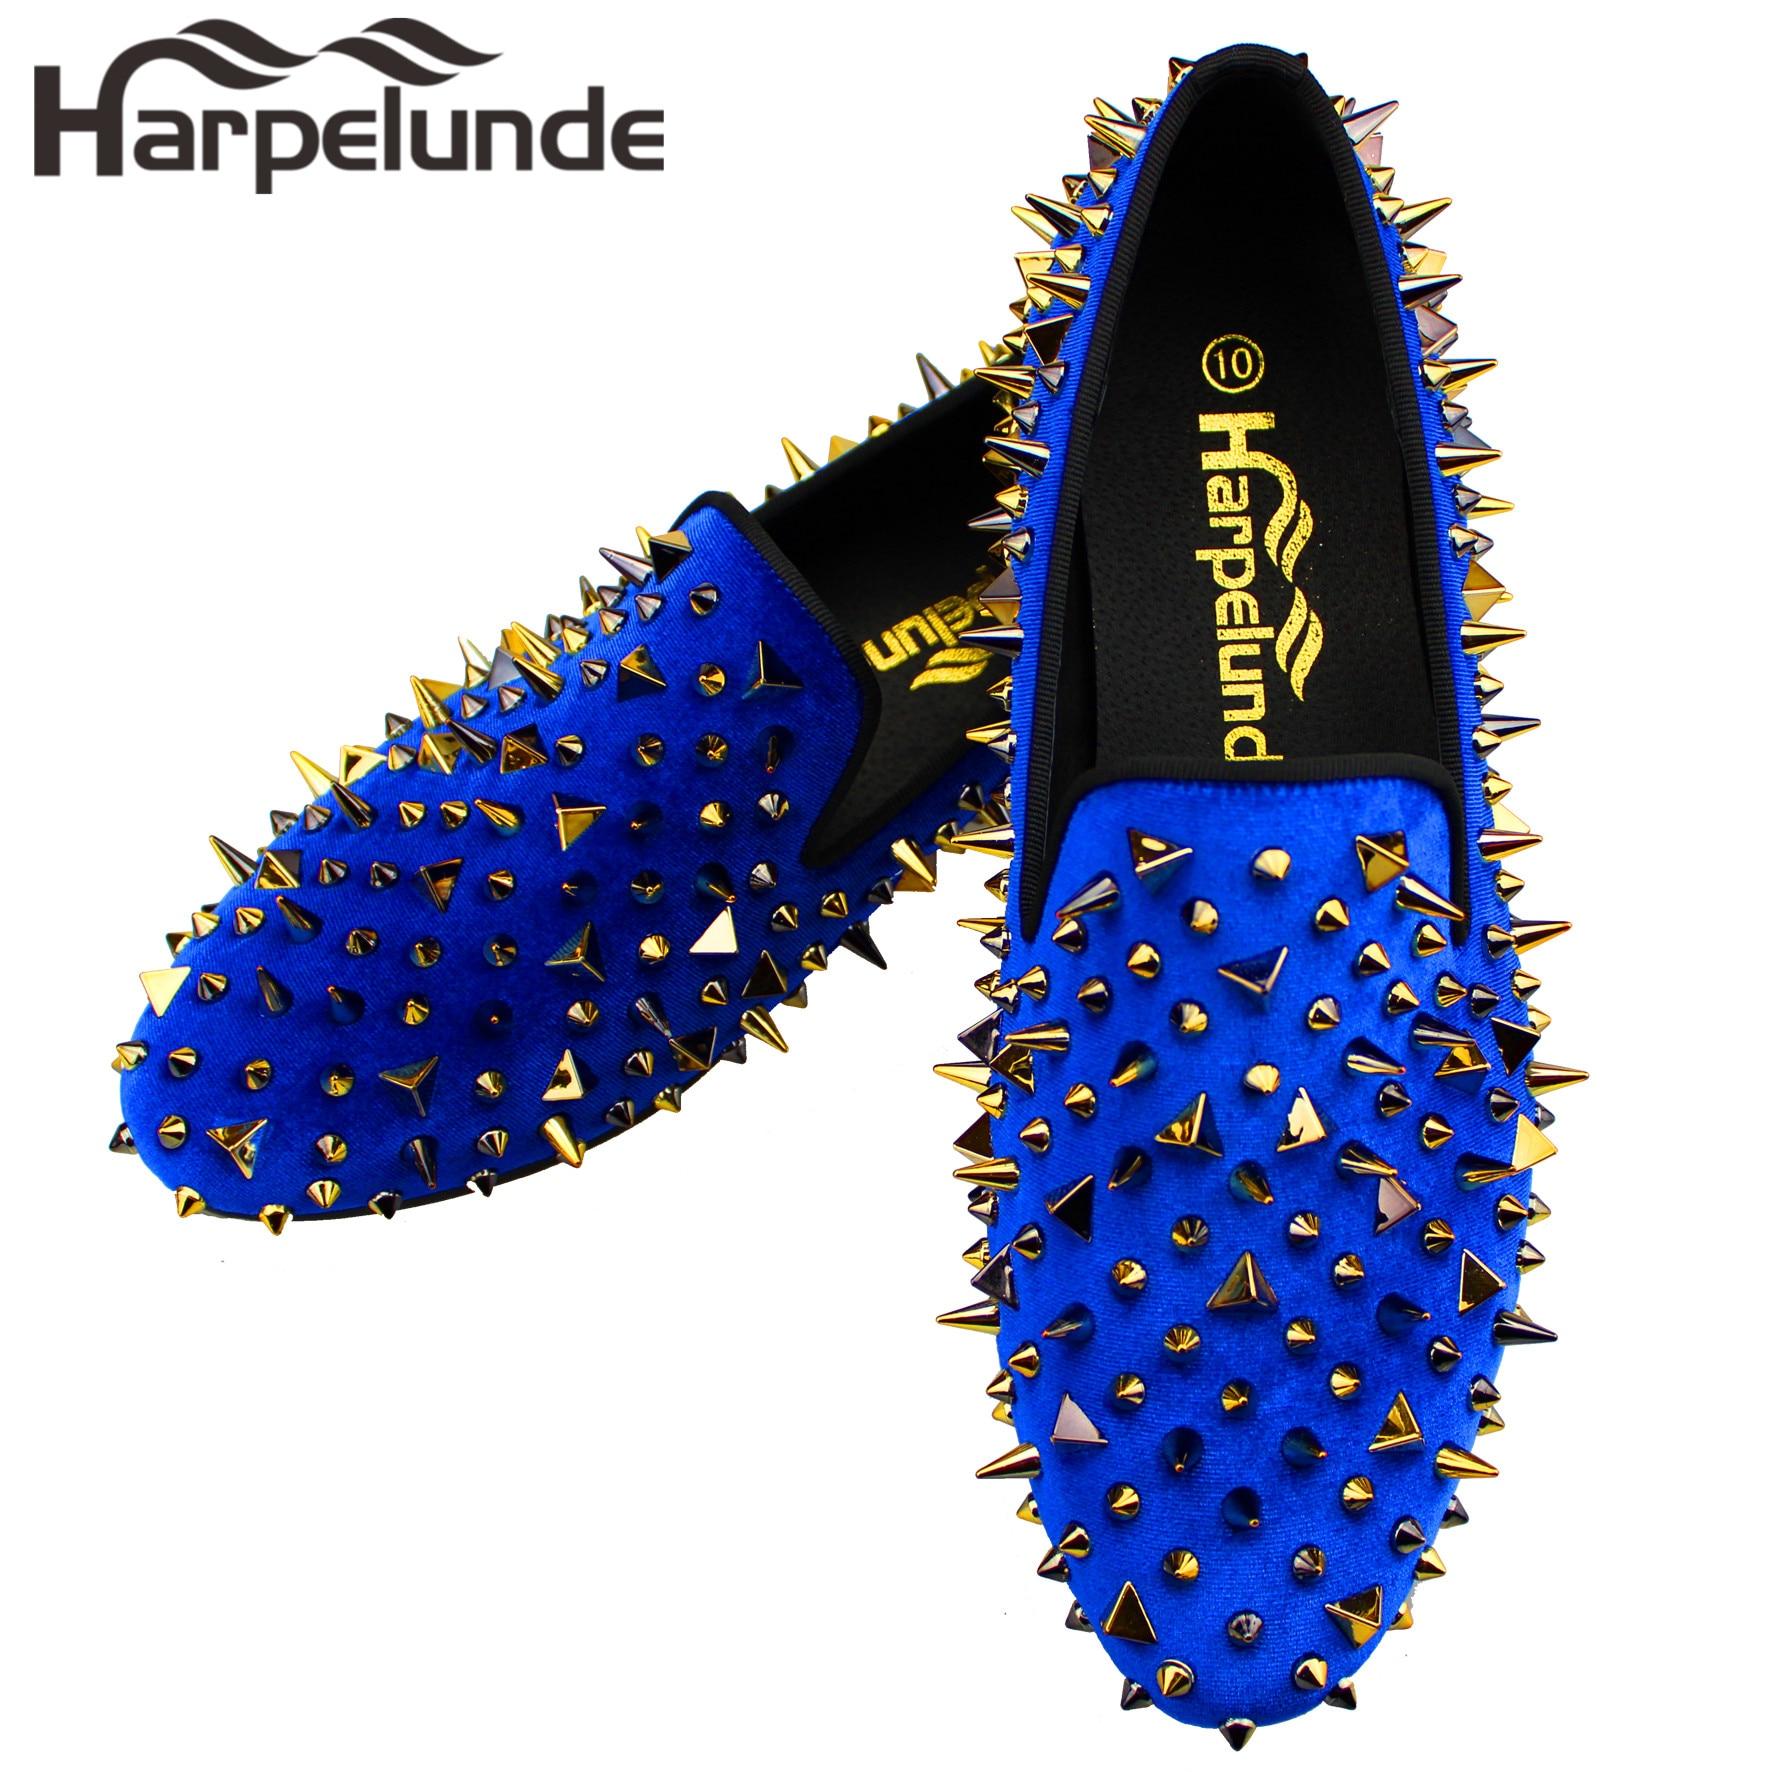 Scarpe da uomo degli appartamenti di cristallo bianco nero rosso scarpe casual scarpe da tennis Degli Uomini Pattini Del Partito Punta Rotonda Lace up Scarpe Basse fannullone scarpe di Cuoio - 3